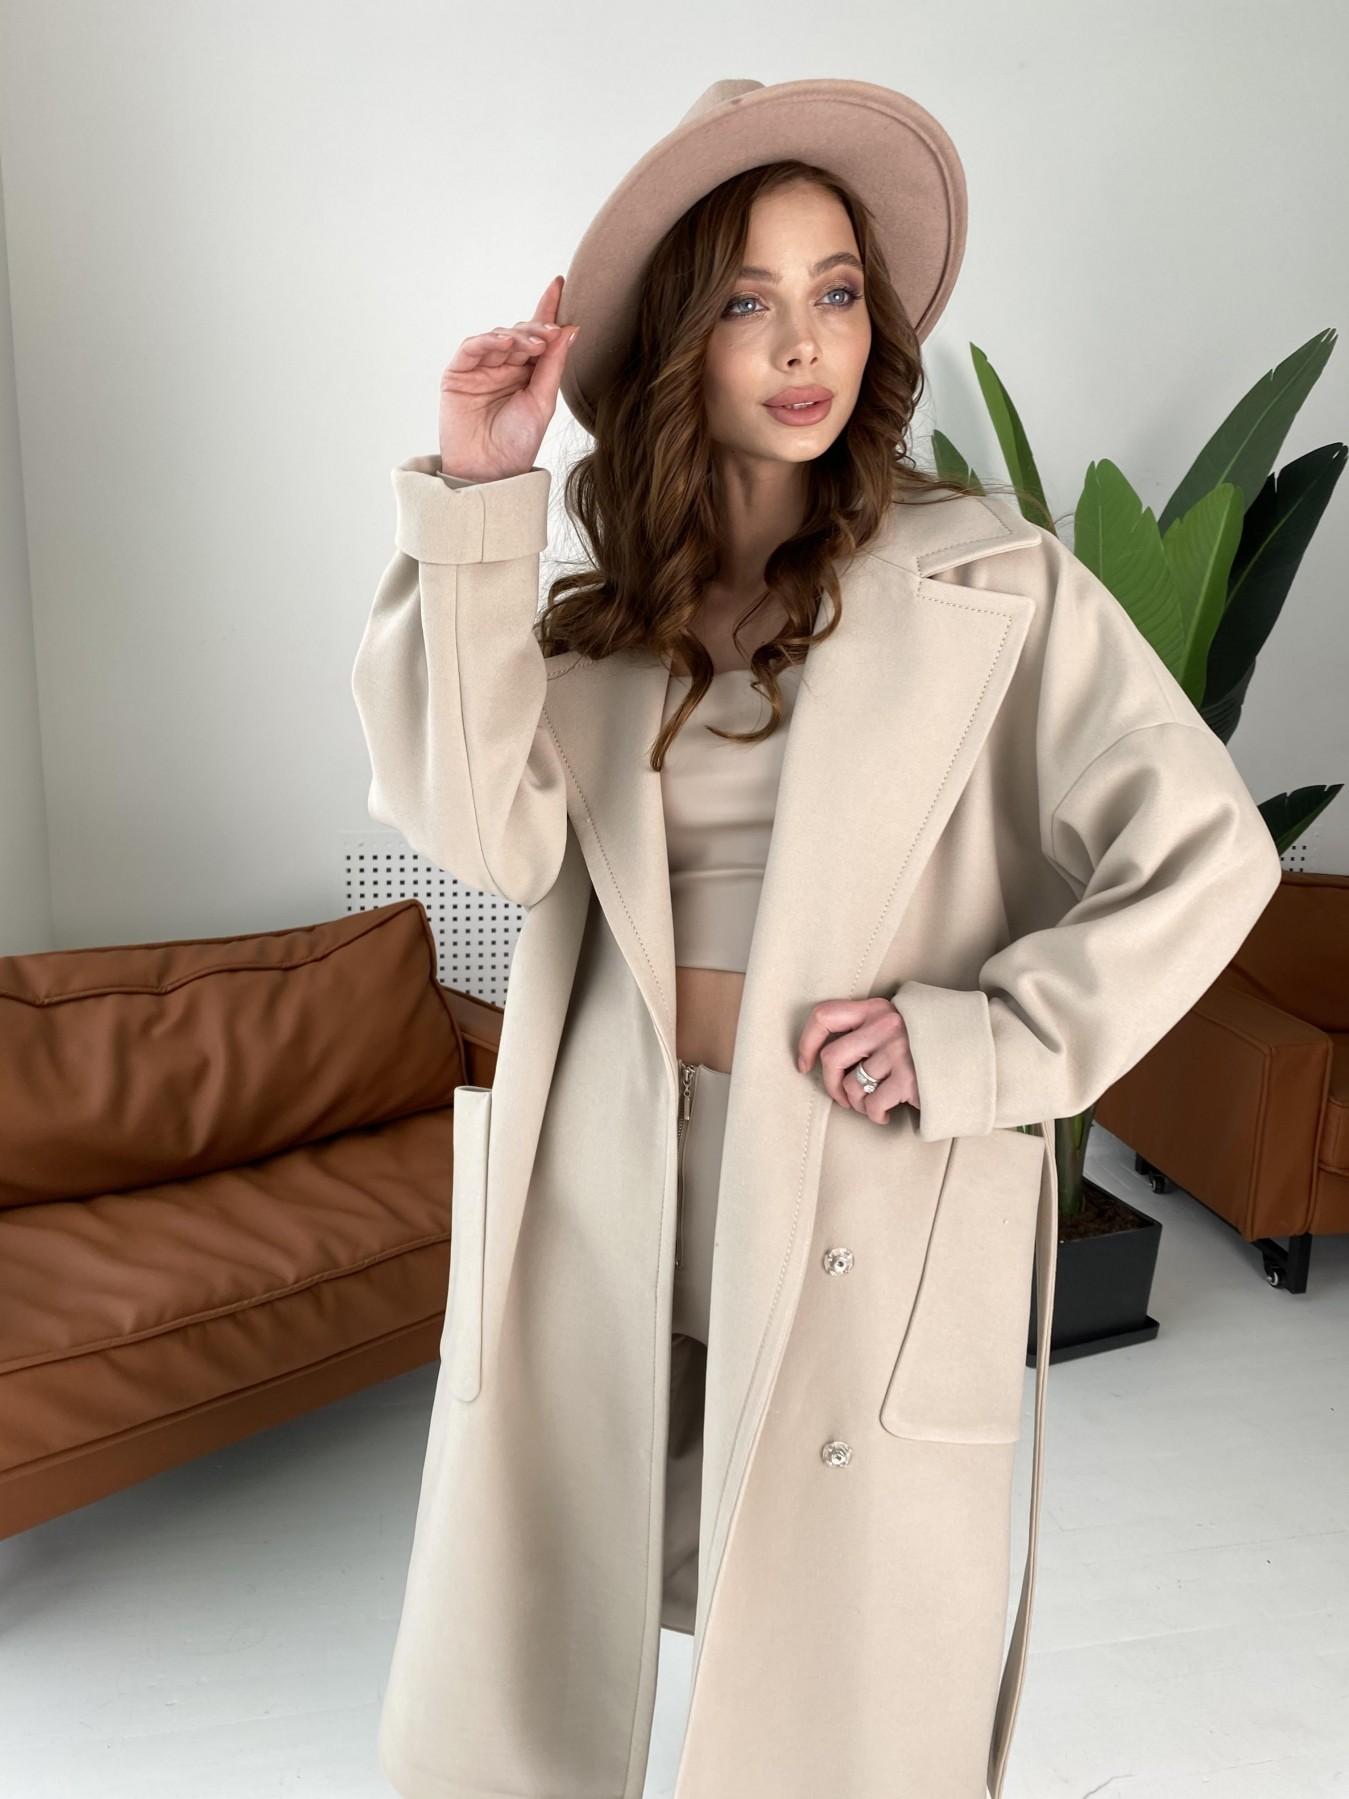 Кейт  пальто из кашемира 10539 АРТ. 46990 Цвет: Бежевый Светлый - фото 4, интернет магазин tm-modus.ru